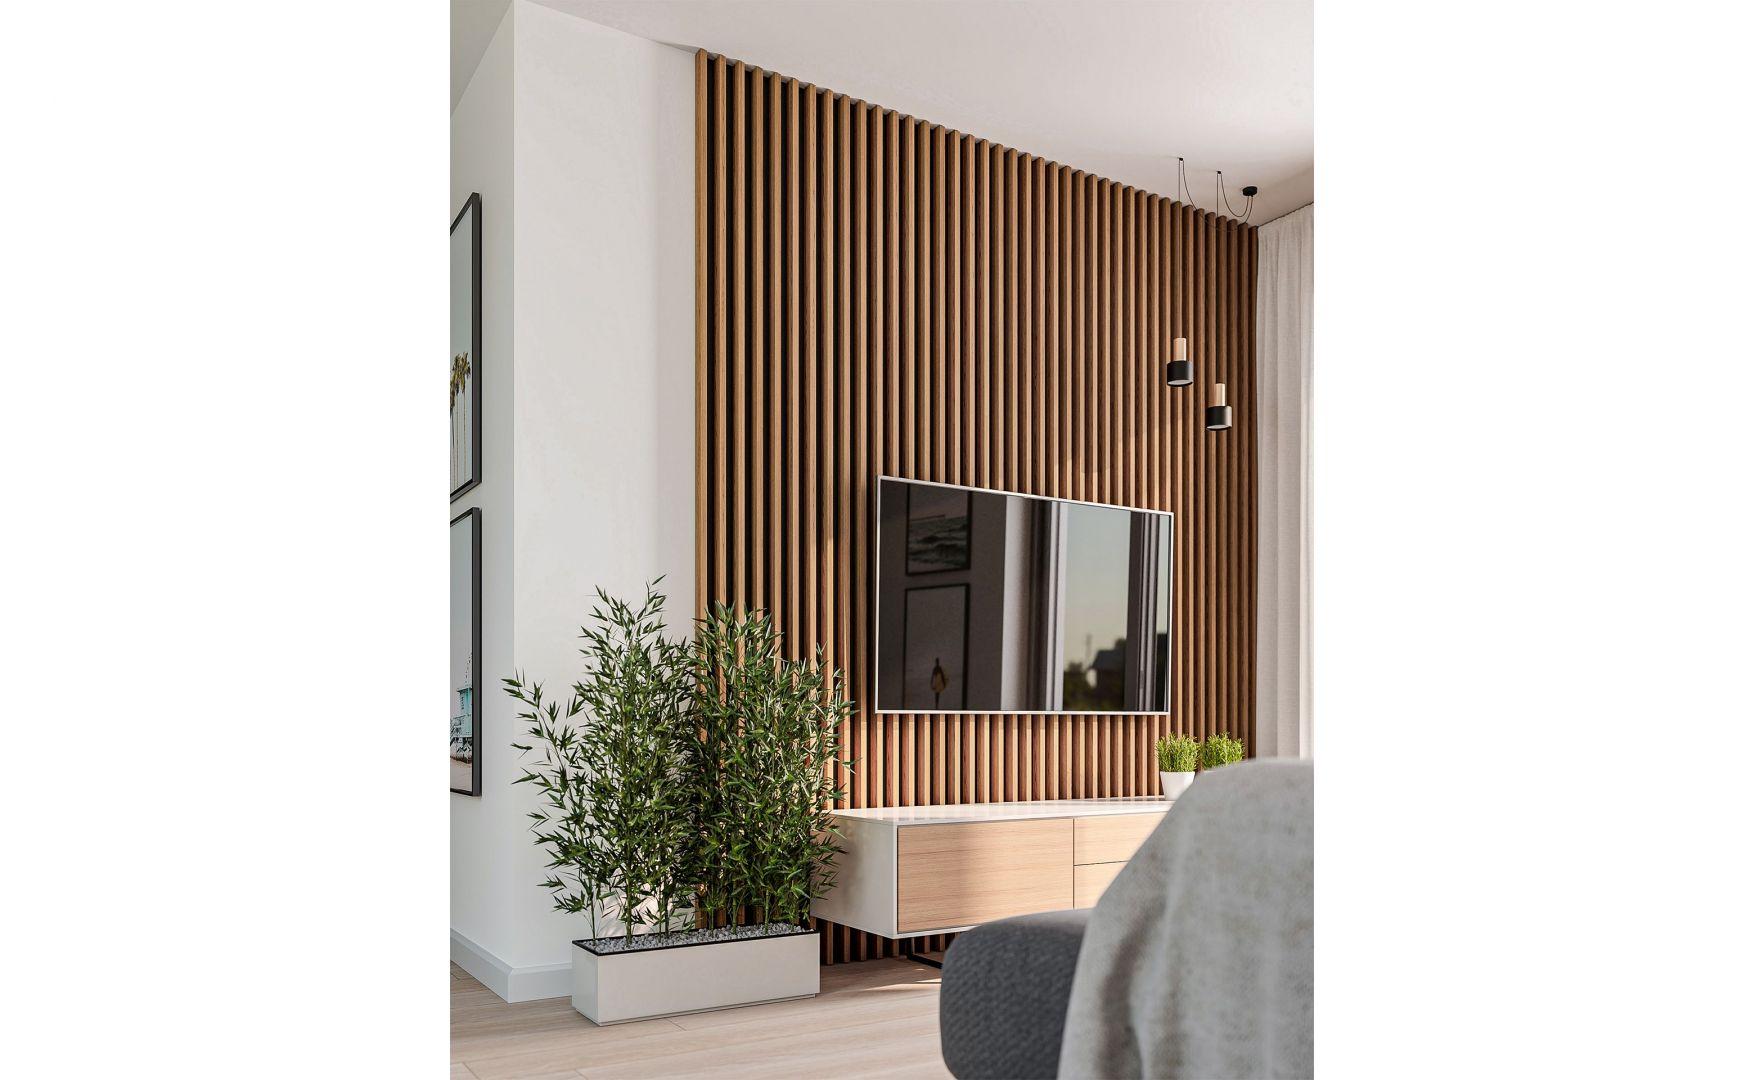 Modułowy system lameli ściennych Kalithea to doskonała dekoracja, którą montuje się szybko i łatwo w każdym pomieszczeniu. Fot. Kalithea